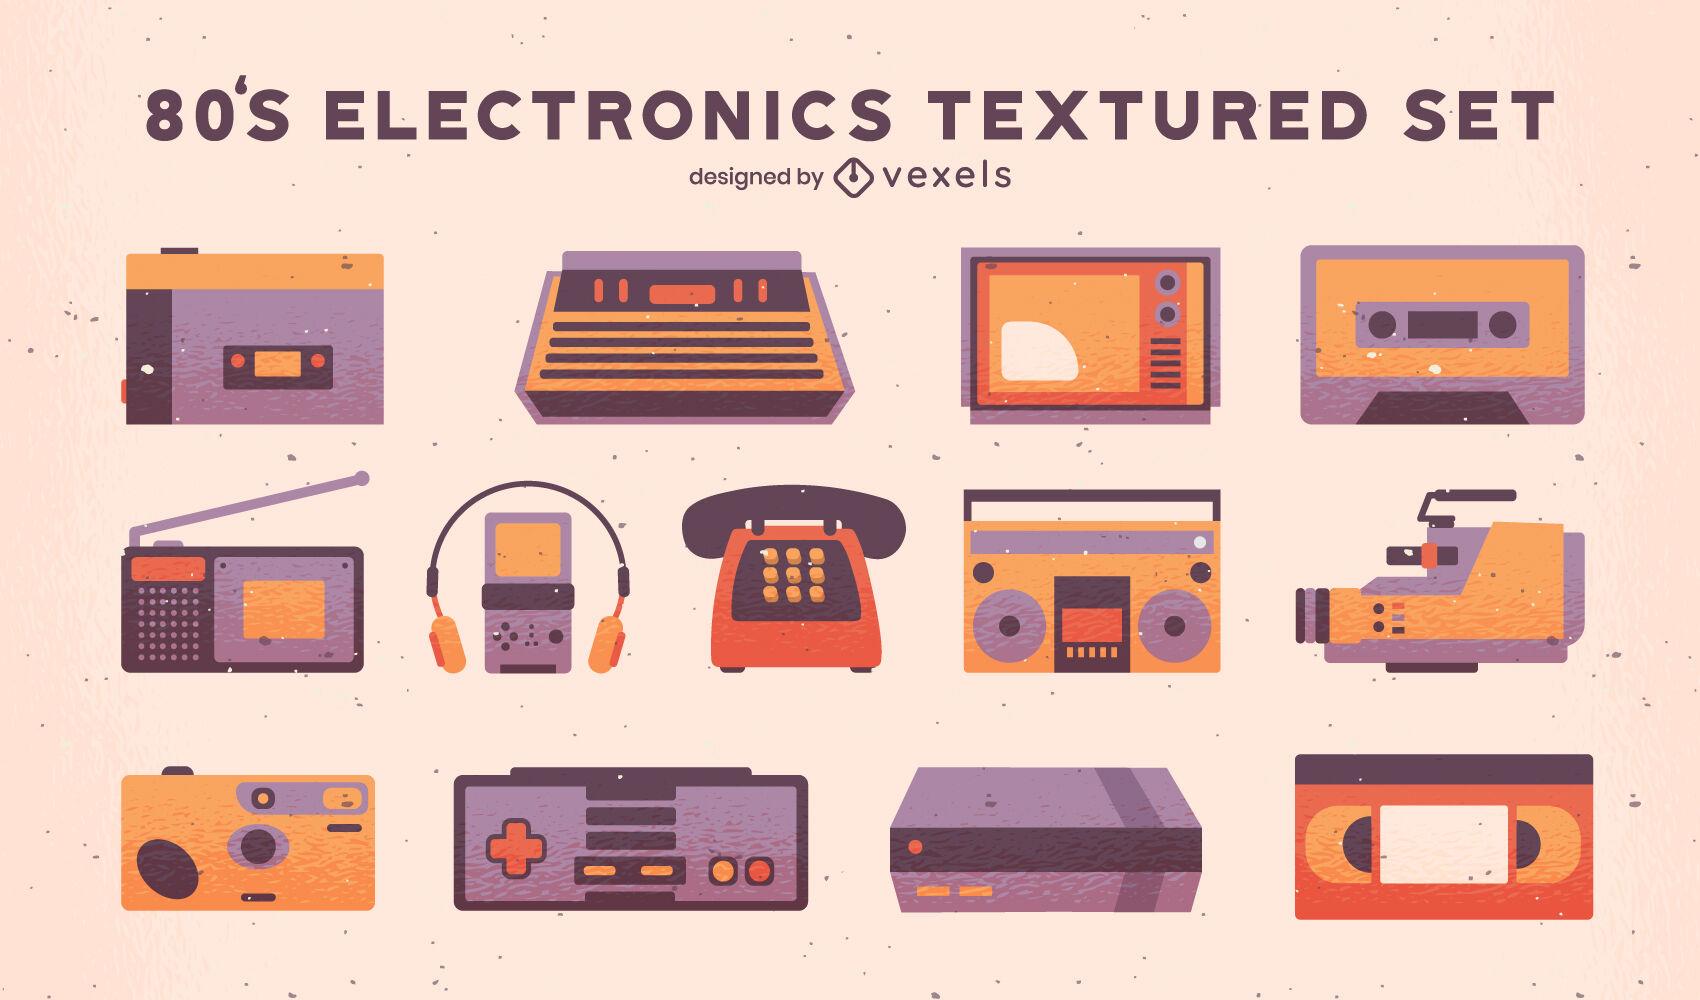 Elementos retro de tecnología de los 80 con textura.